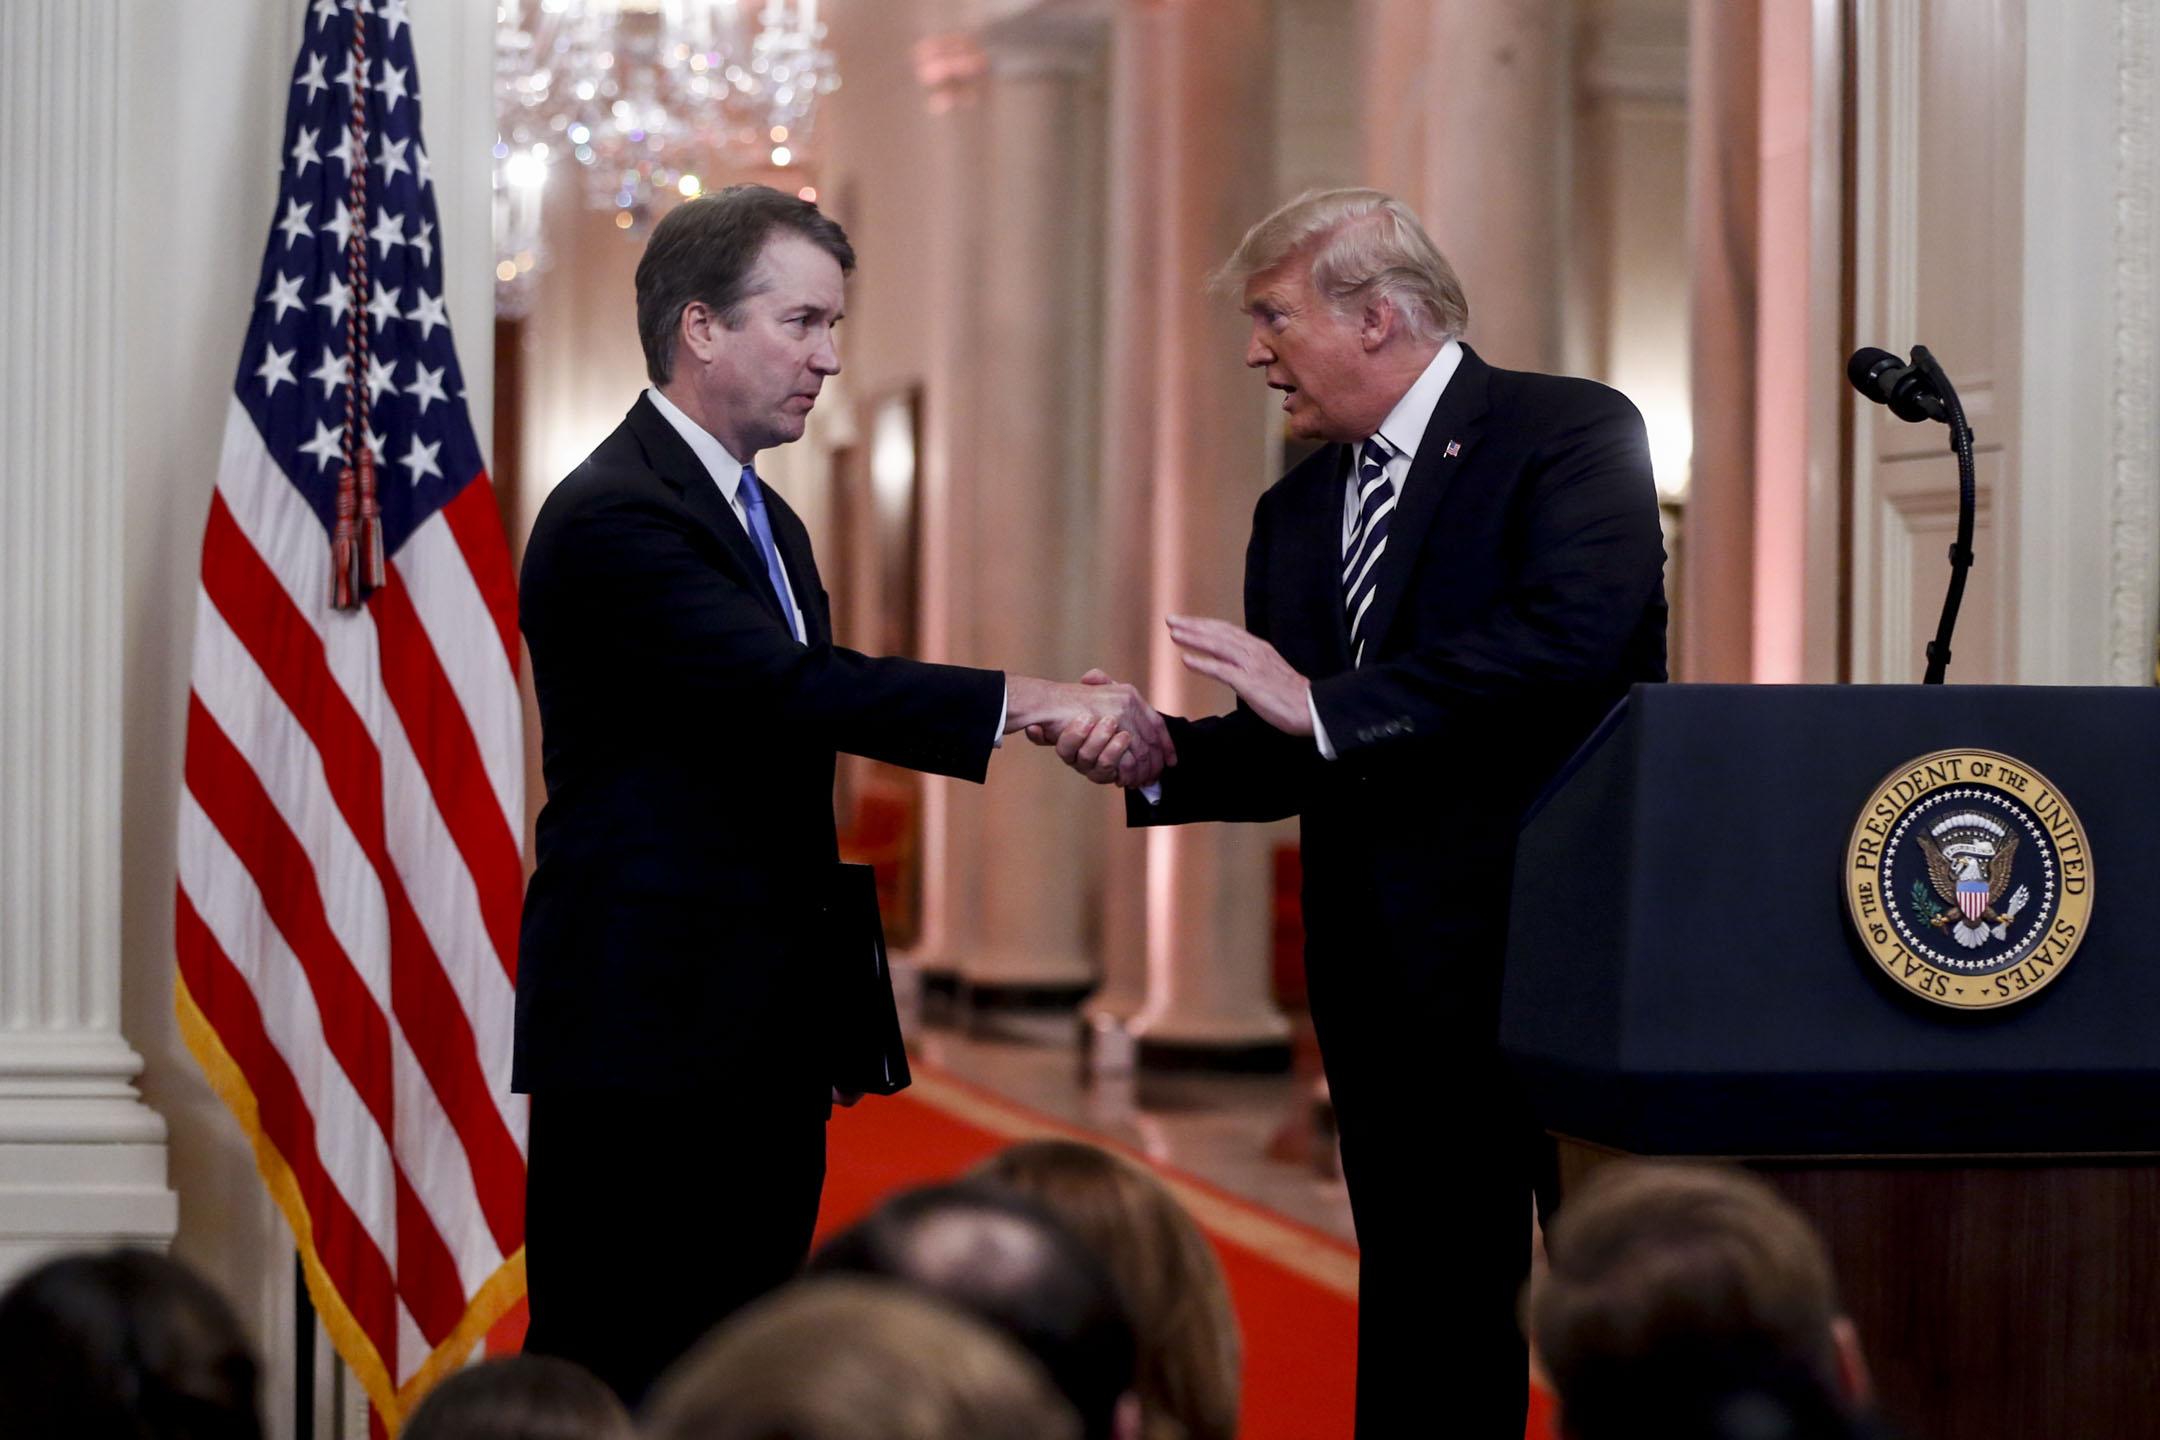 2018年10月8日,美國華盛頓,美國聯邦最高法院大法官卡瓦諾宣誓就職。 攝:Andrew Harrer/Bloomberg via Getty Images